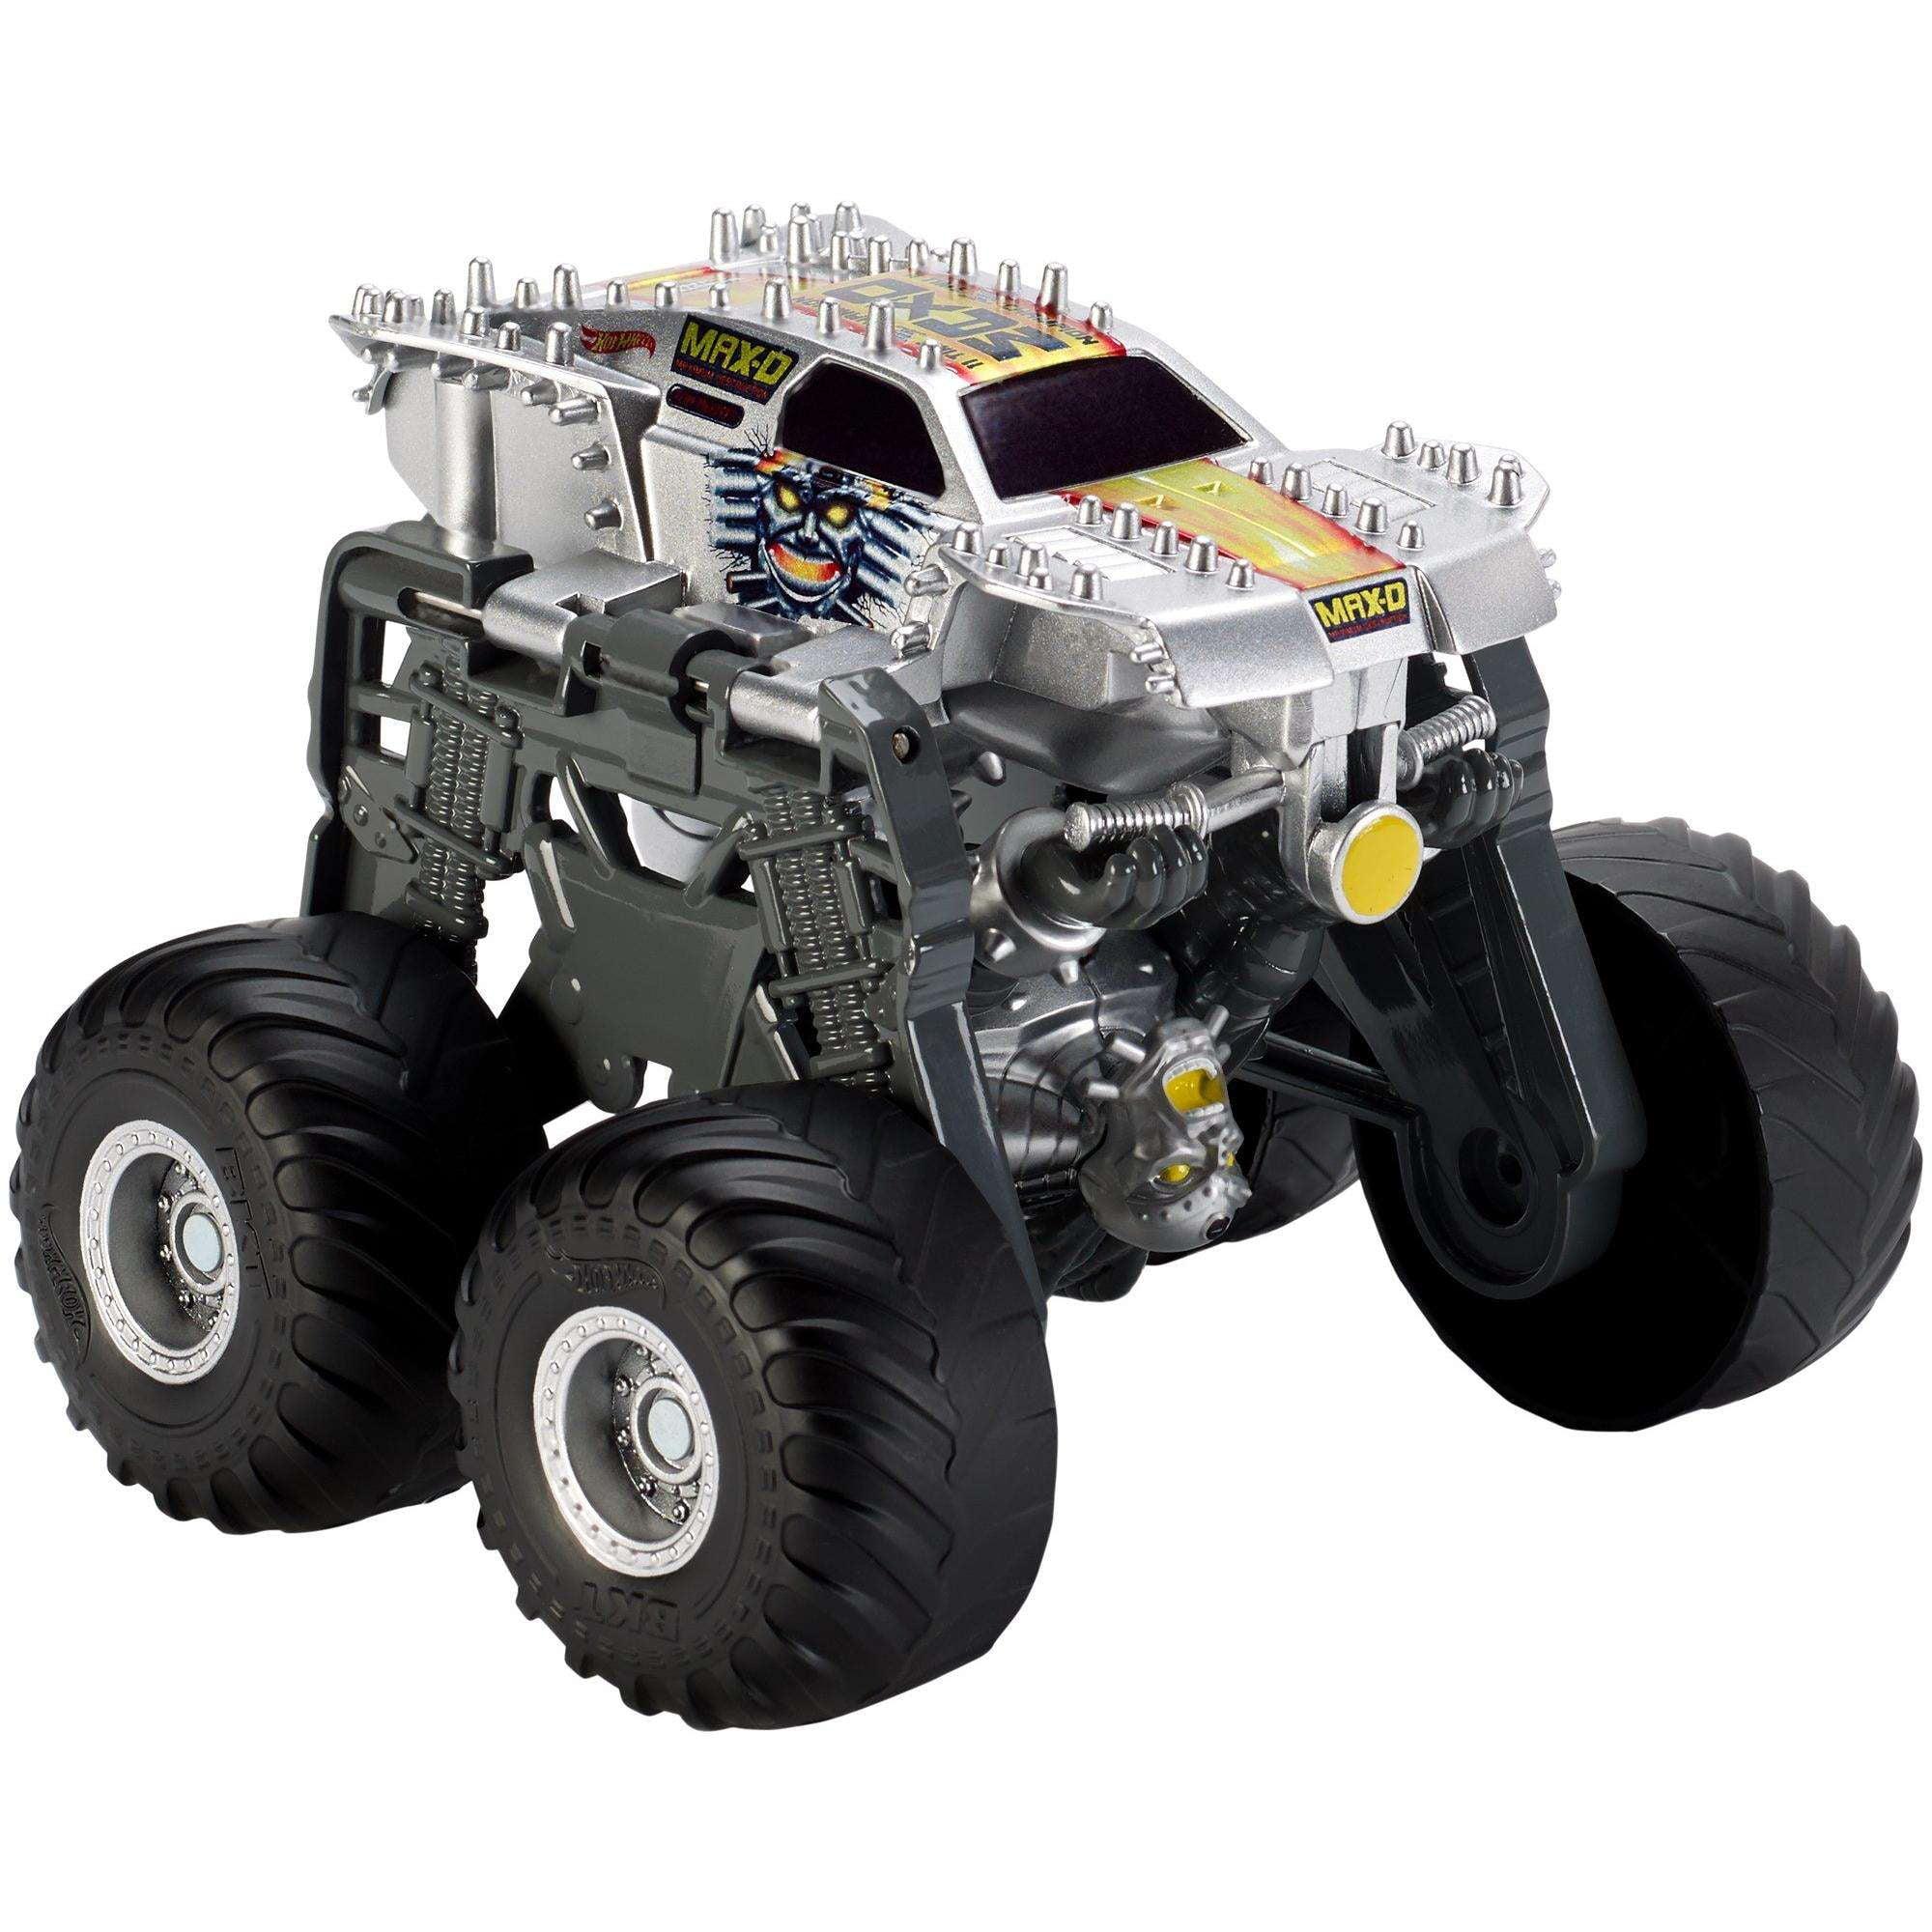 Hot Wheels Monster Jam Monster Morphers Maximum Destruction Vehicle